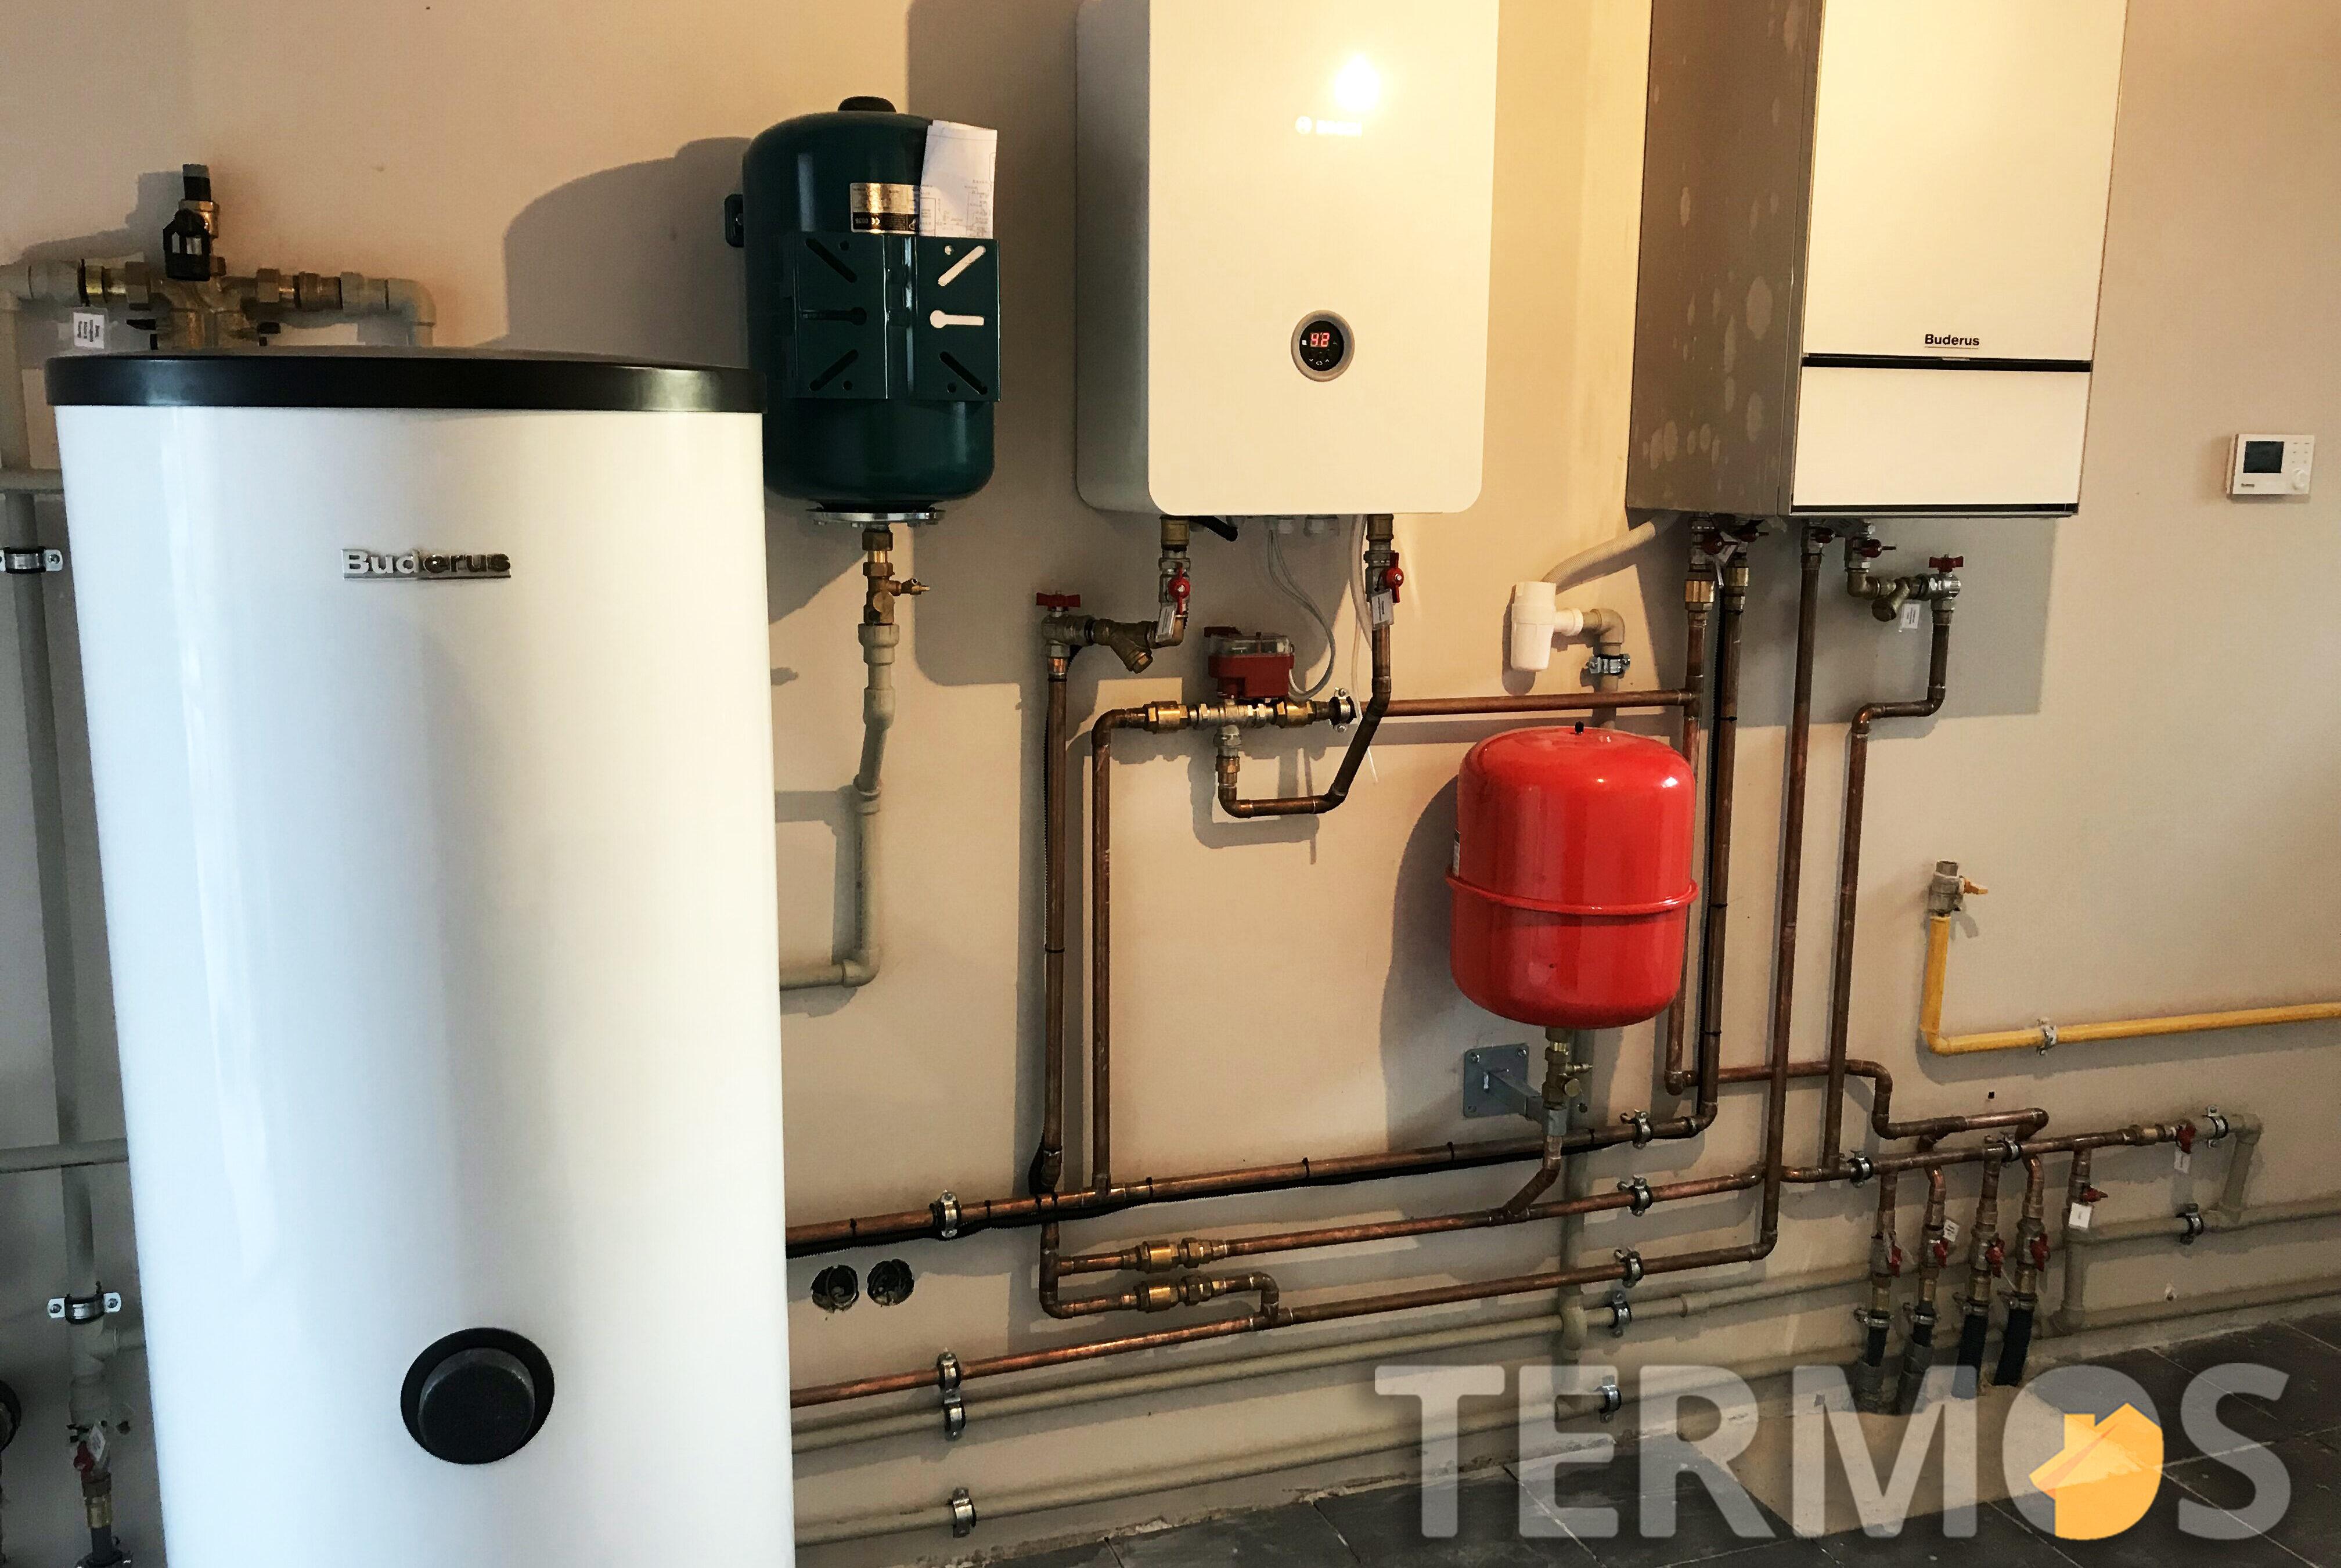 Дом 160 кв м. Система отопления на газовом конденсационном котле, с условным КПД 109%,  и электрокотле Bosch 15 кВт с управлением работы по дешевому ночному тарифу